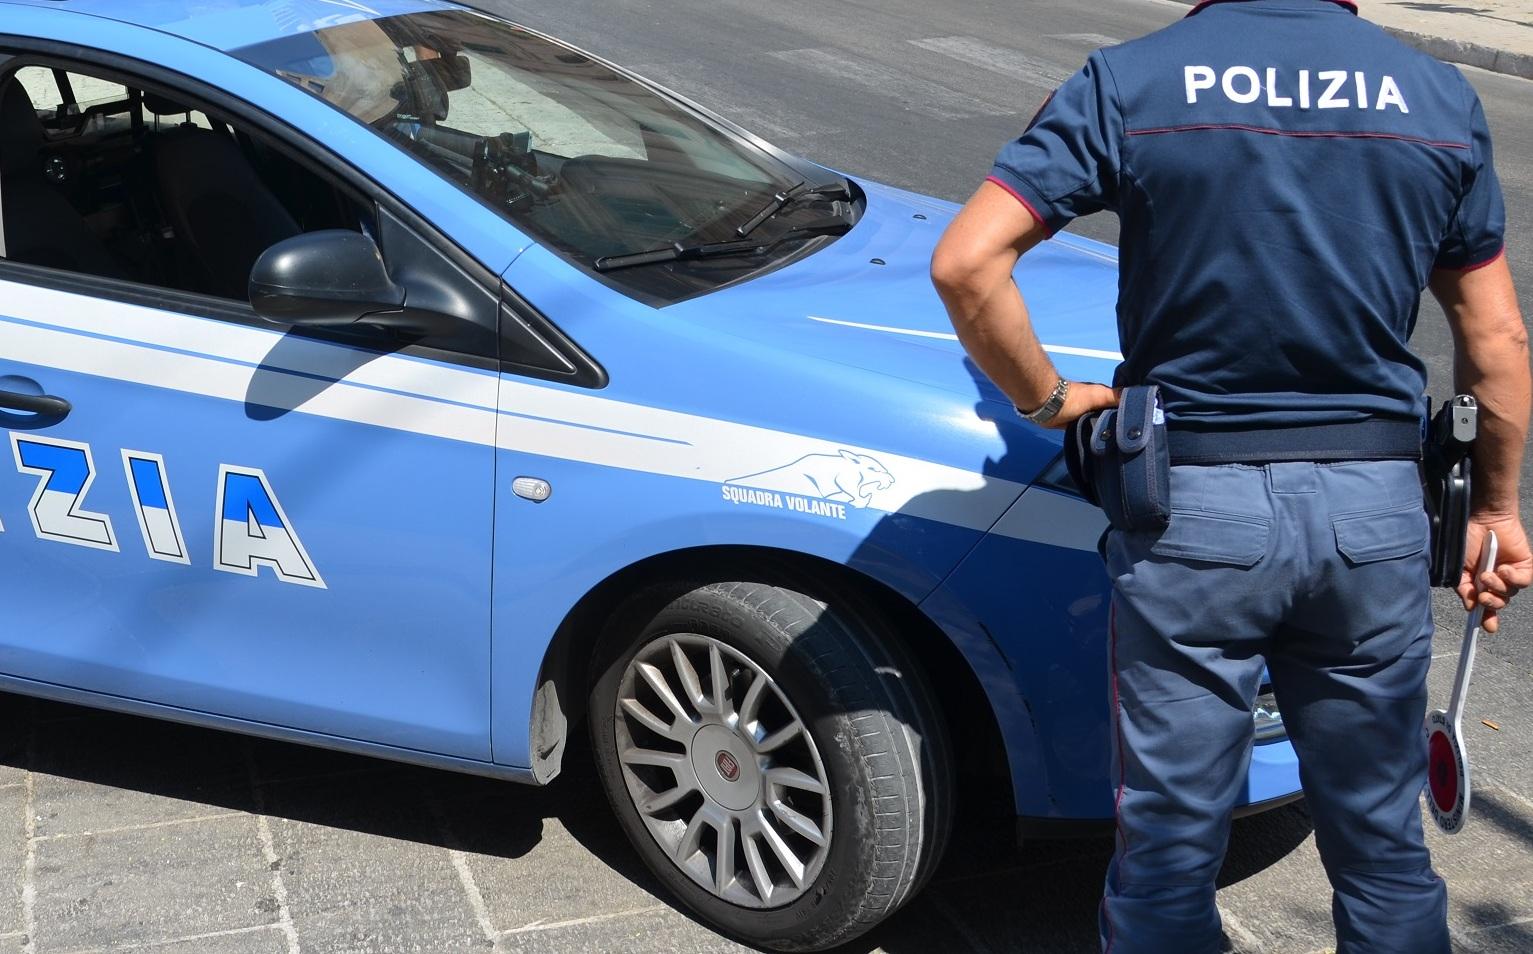 Report consuntivo dell'attività svolta dalla Polizia di Stato in Provincia di Trapani dal 26 agosto al 1°settembre